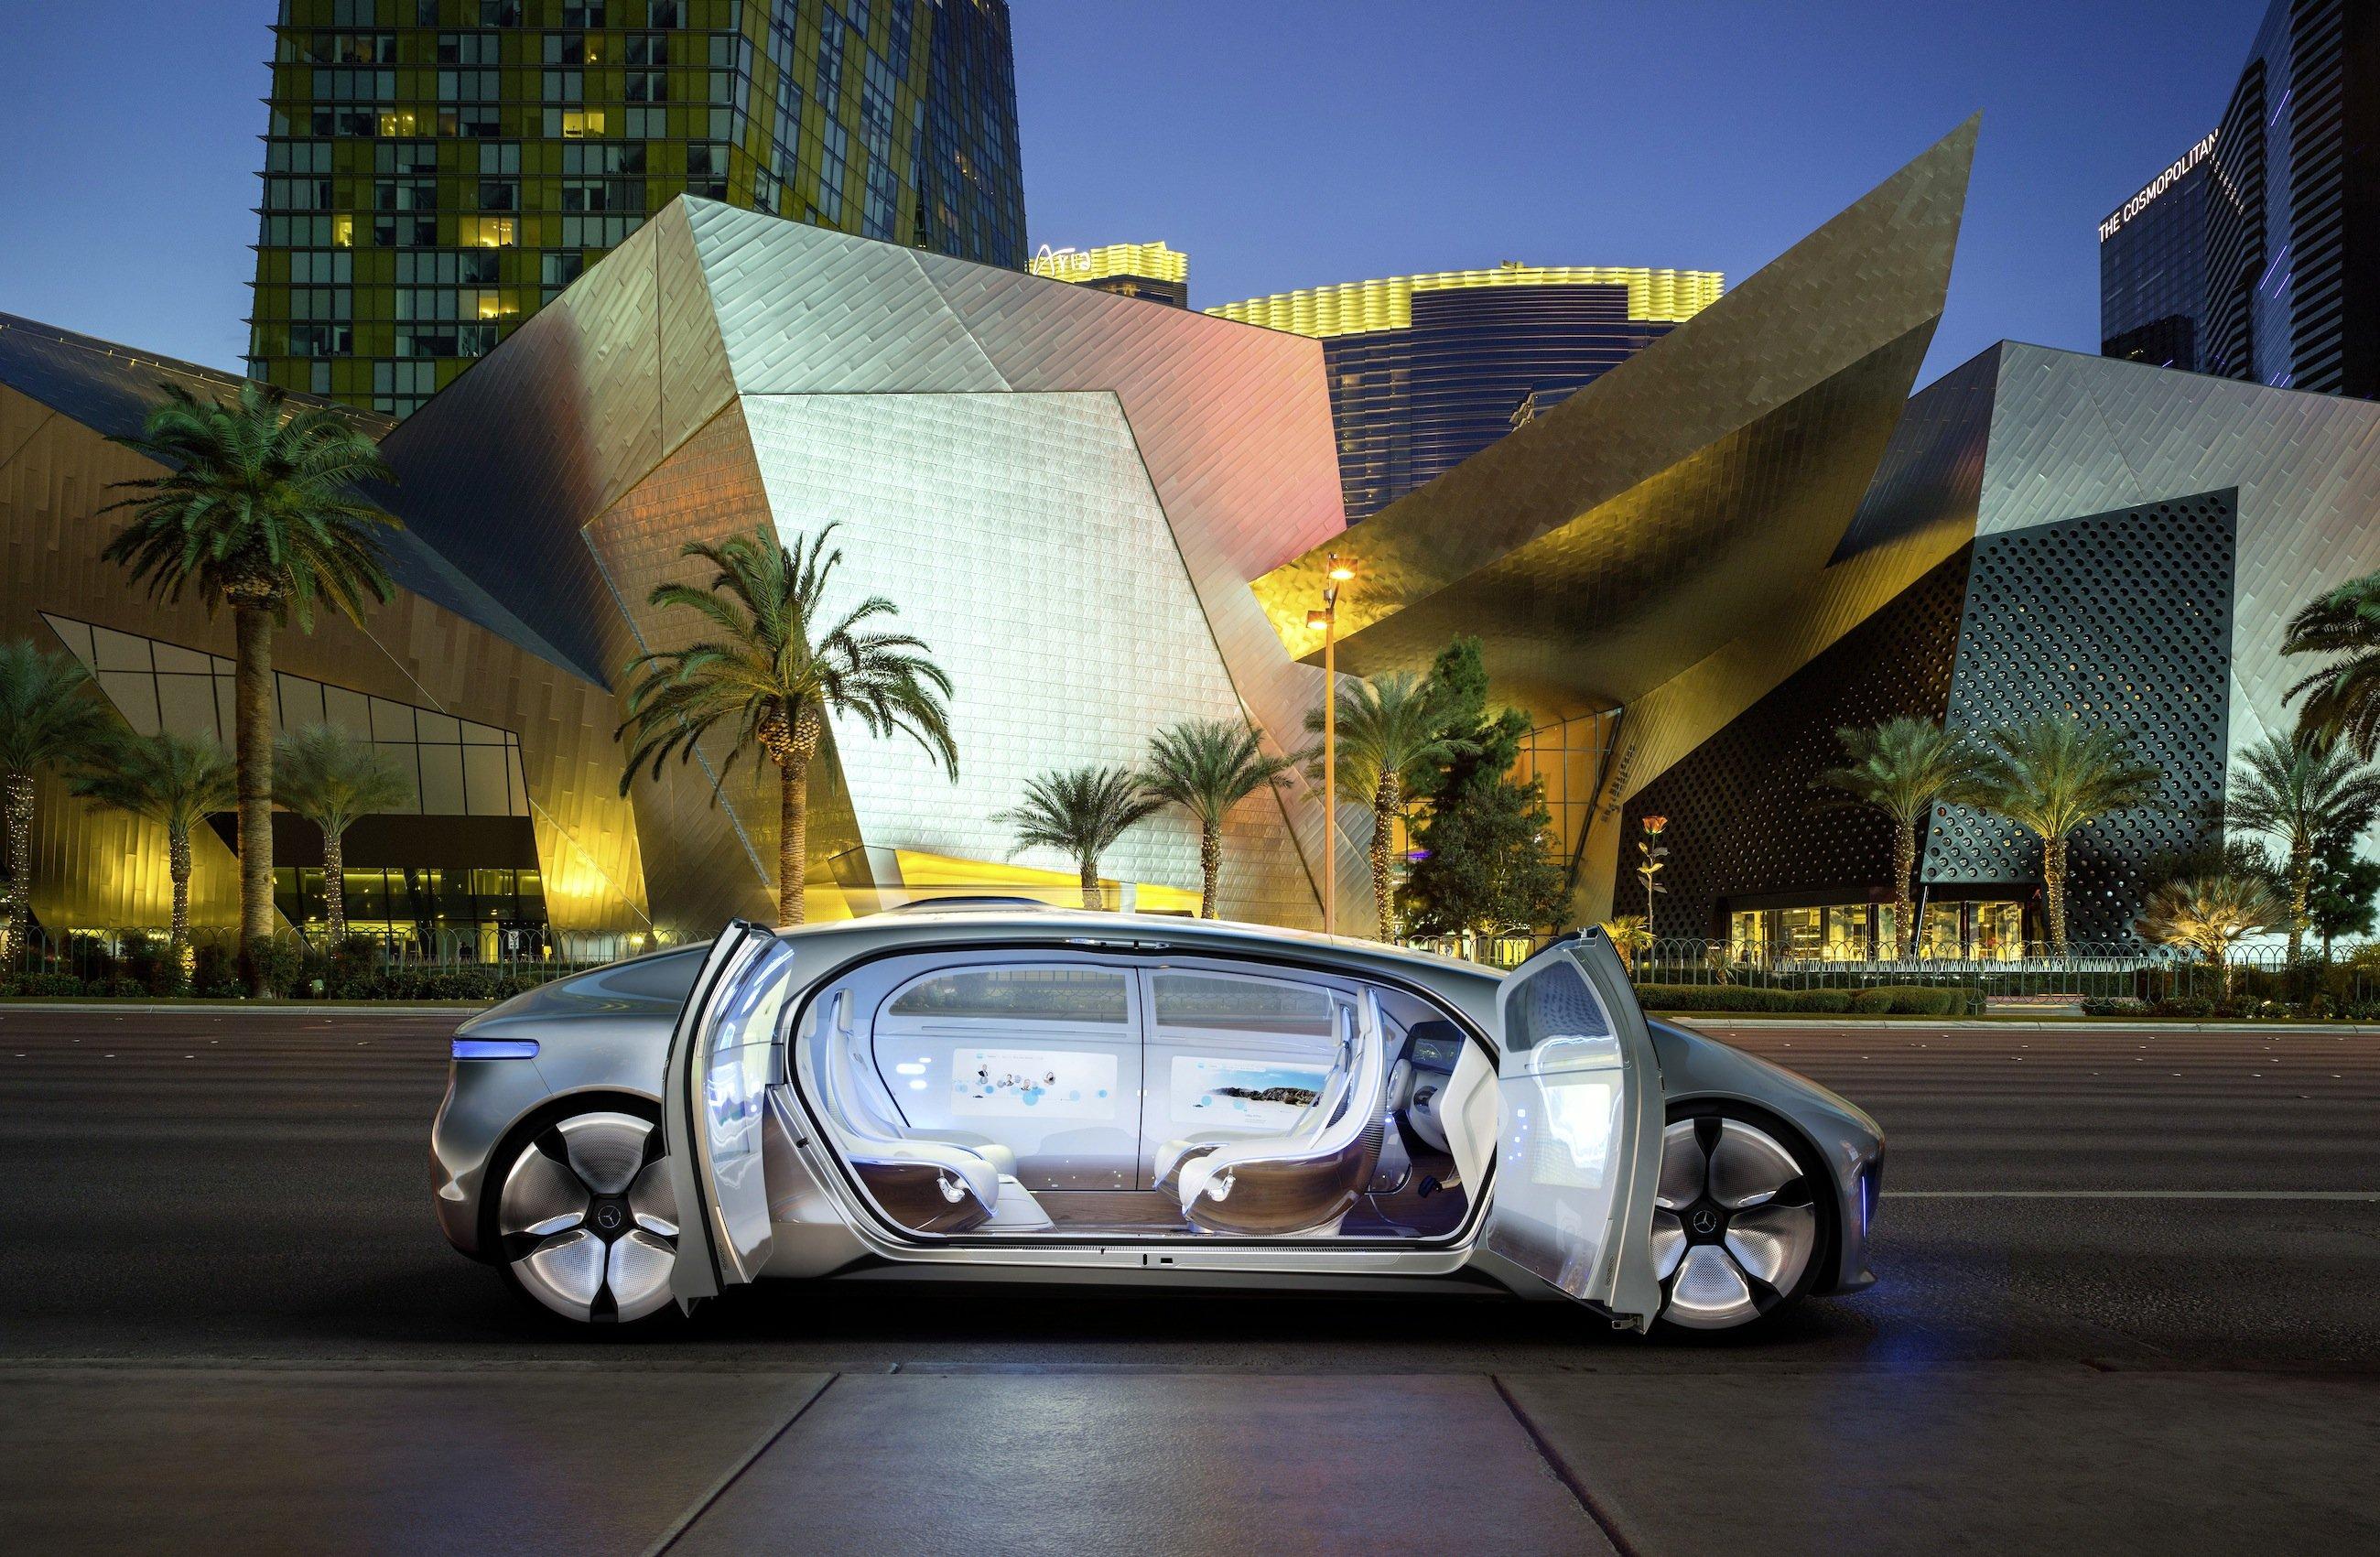 F 015 in Las Vegas: Die Sitze des Autos drehen sich bei geöffneten Türen um 30 Grad, um das Aussteigen zu erleichtern.